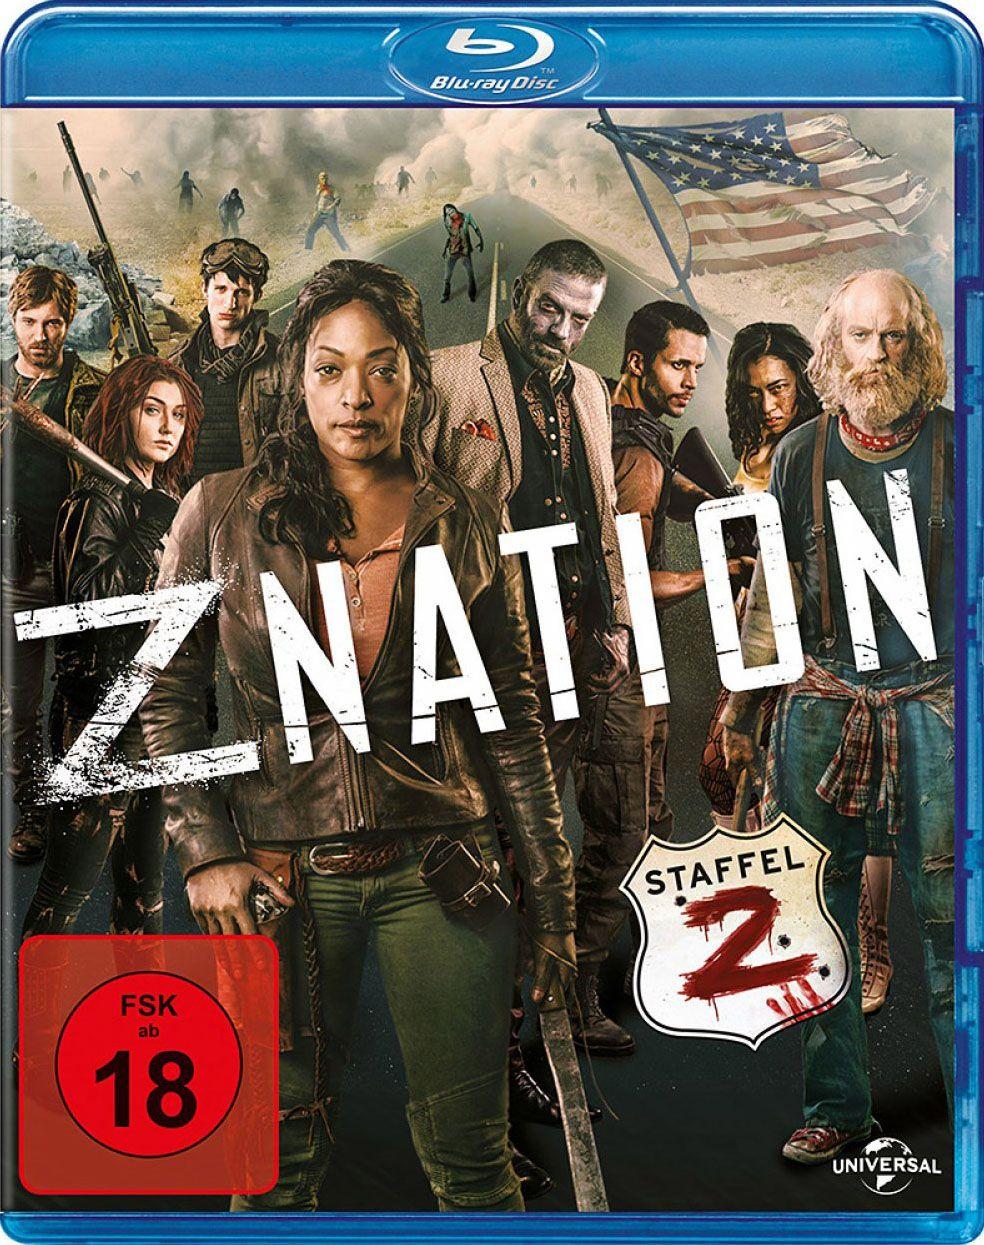 Z Nation - Staffel 2 (2 Discs) (BLURAY)